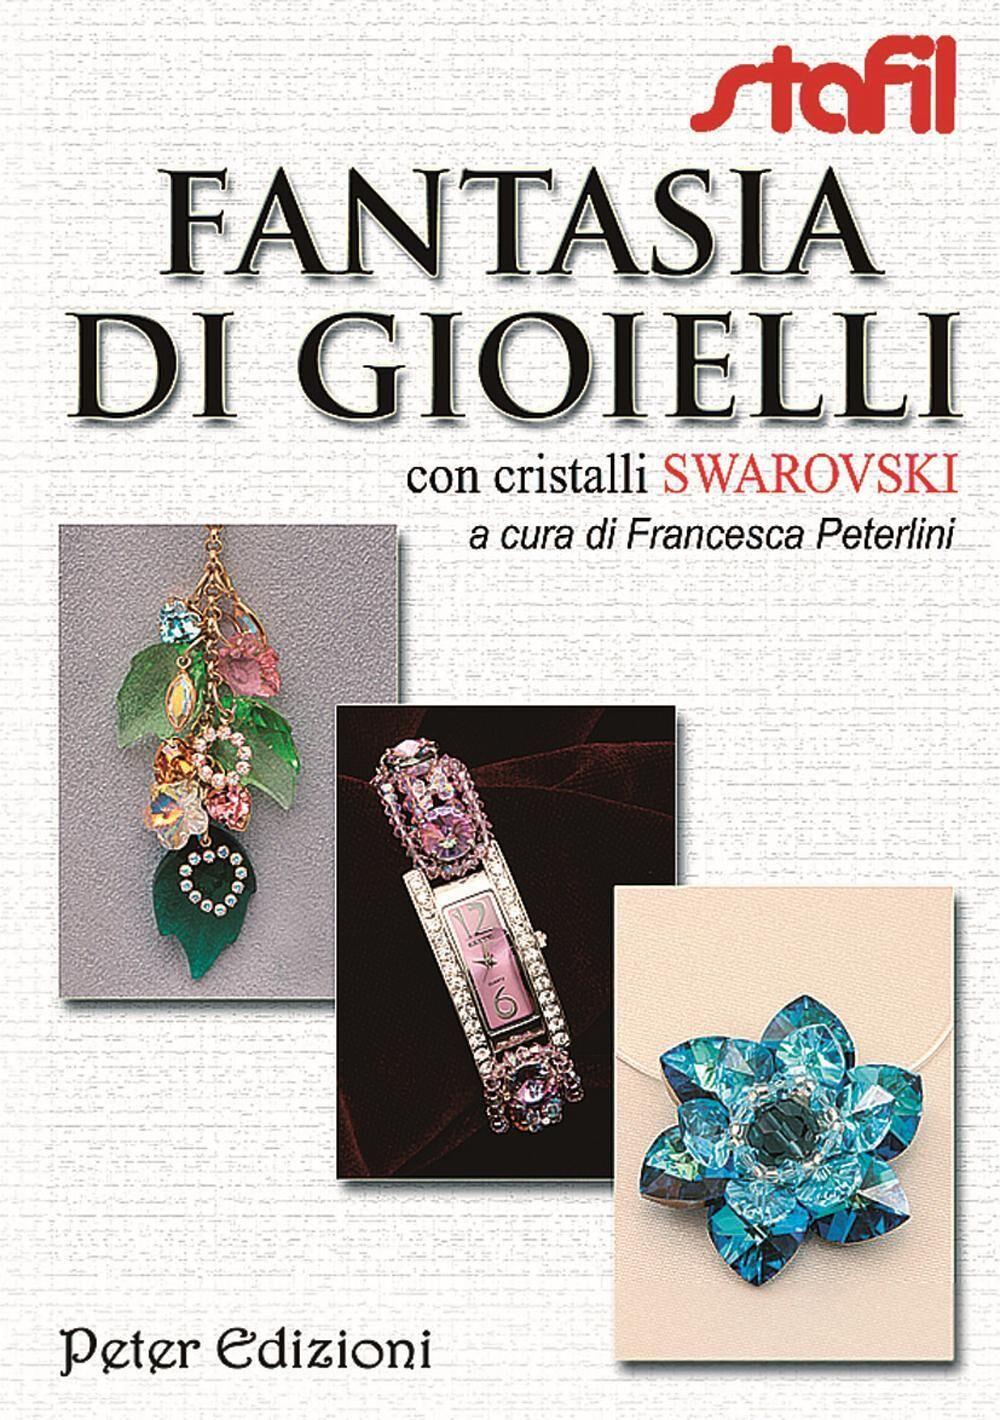 Fantasia di gioielli con cristalli Swarovski